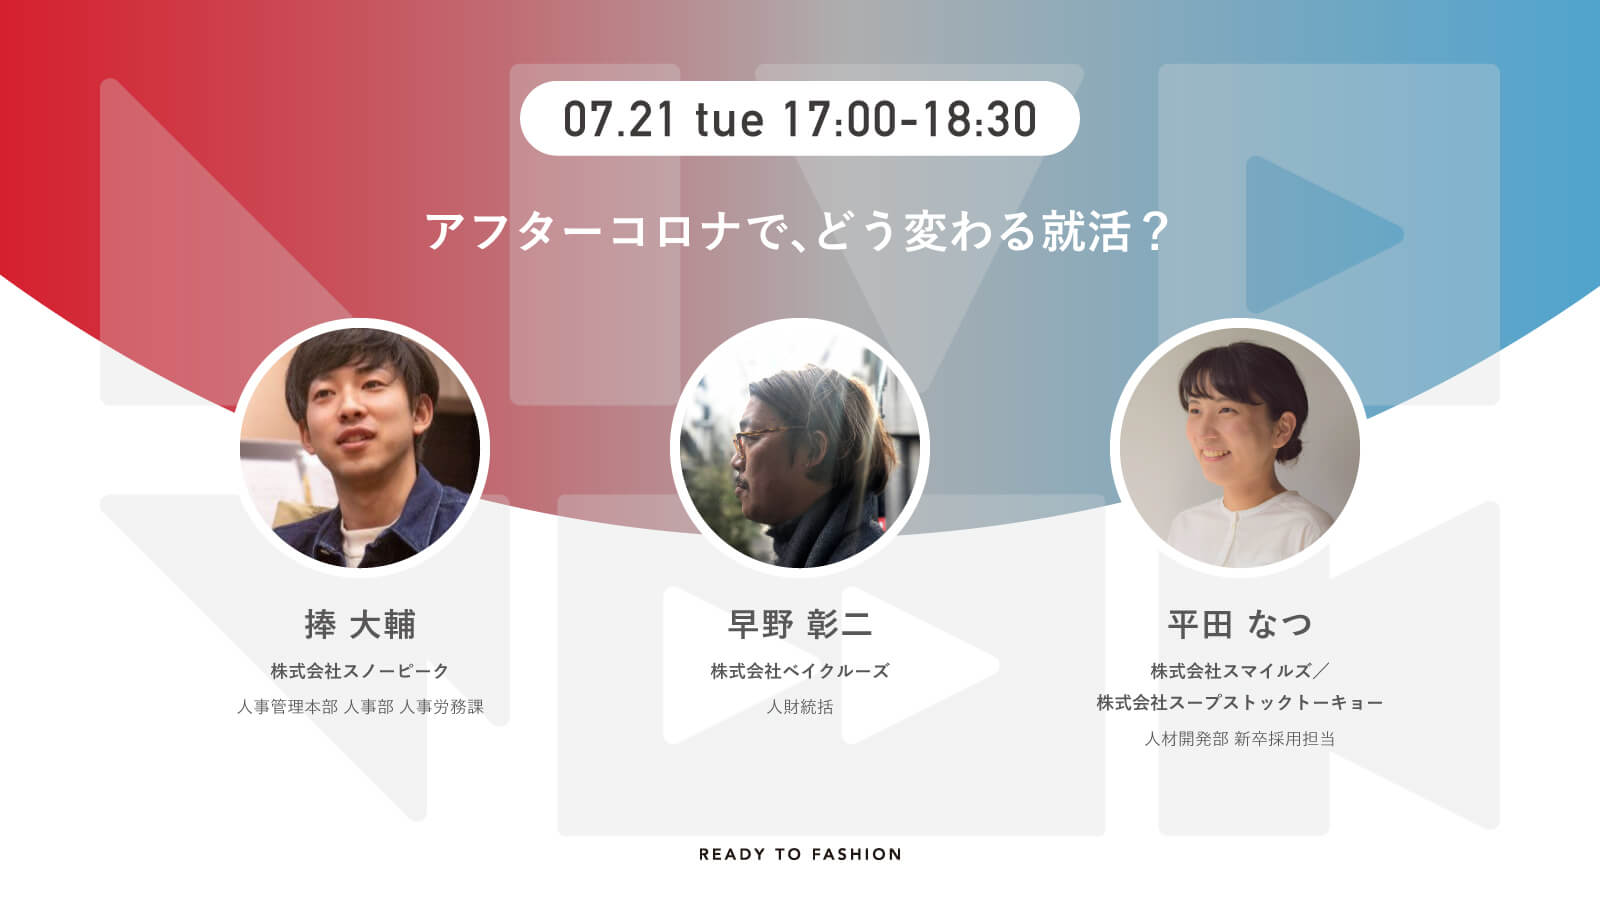 イベントのカバー写真